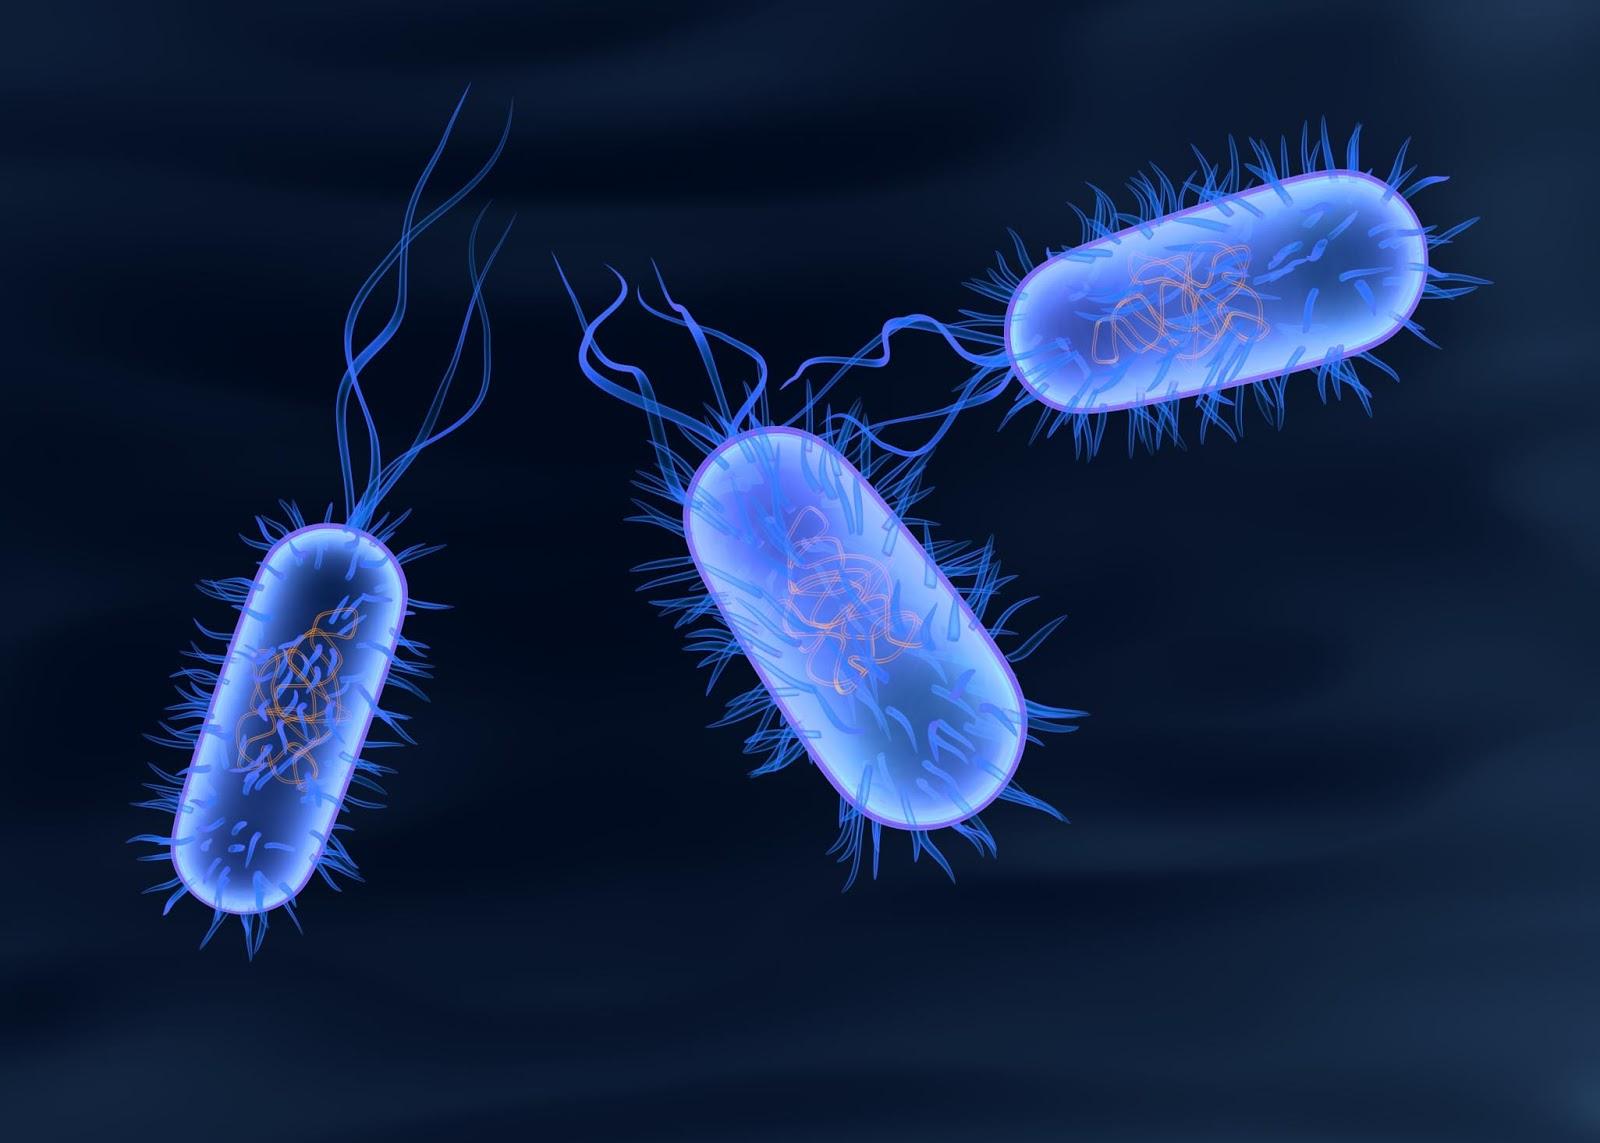 salmonella typhi typhoid fever